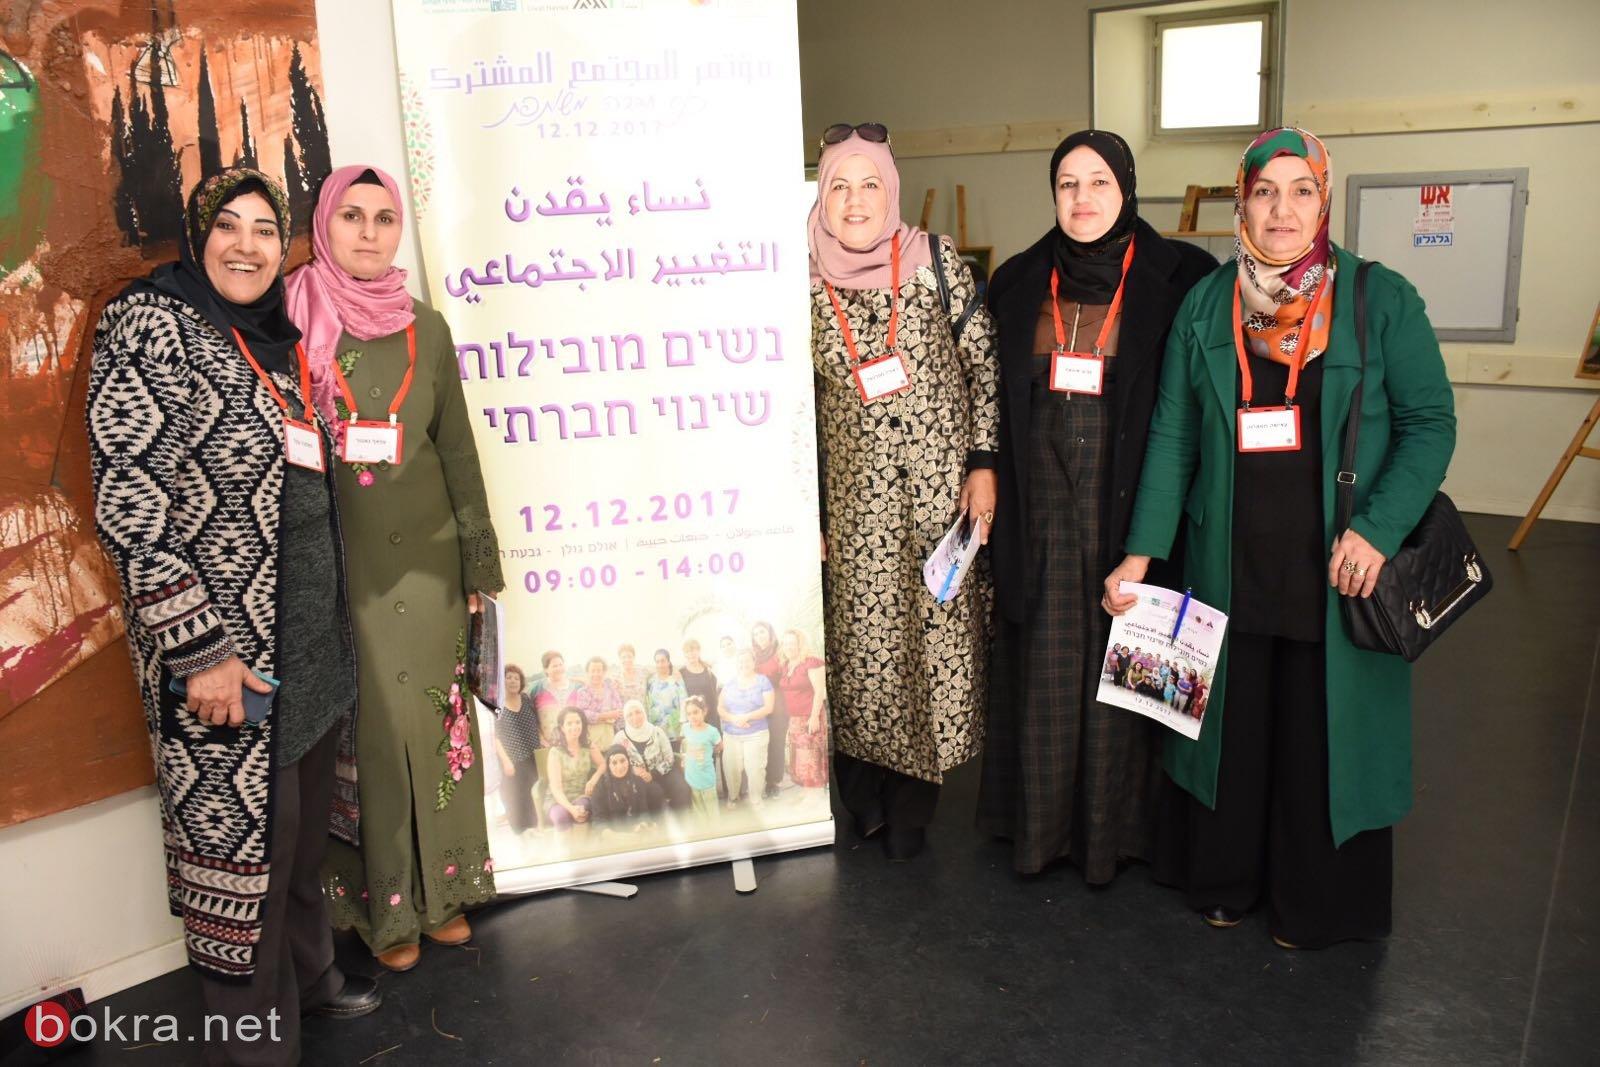 إختتام أعمال مؤتمر نساء يقدن التغيير الإجتماعي في جفعات حبيبة